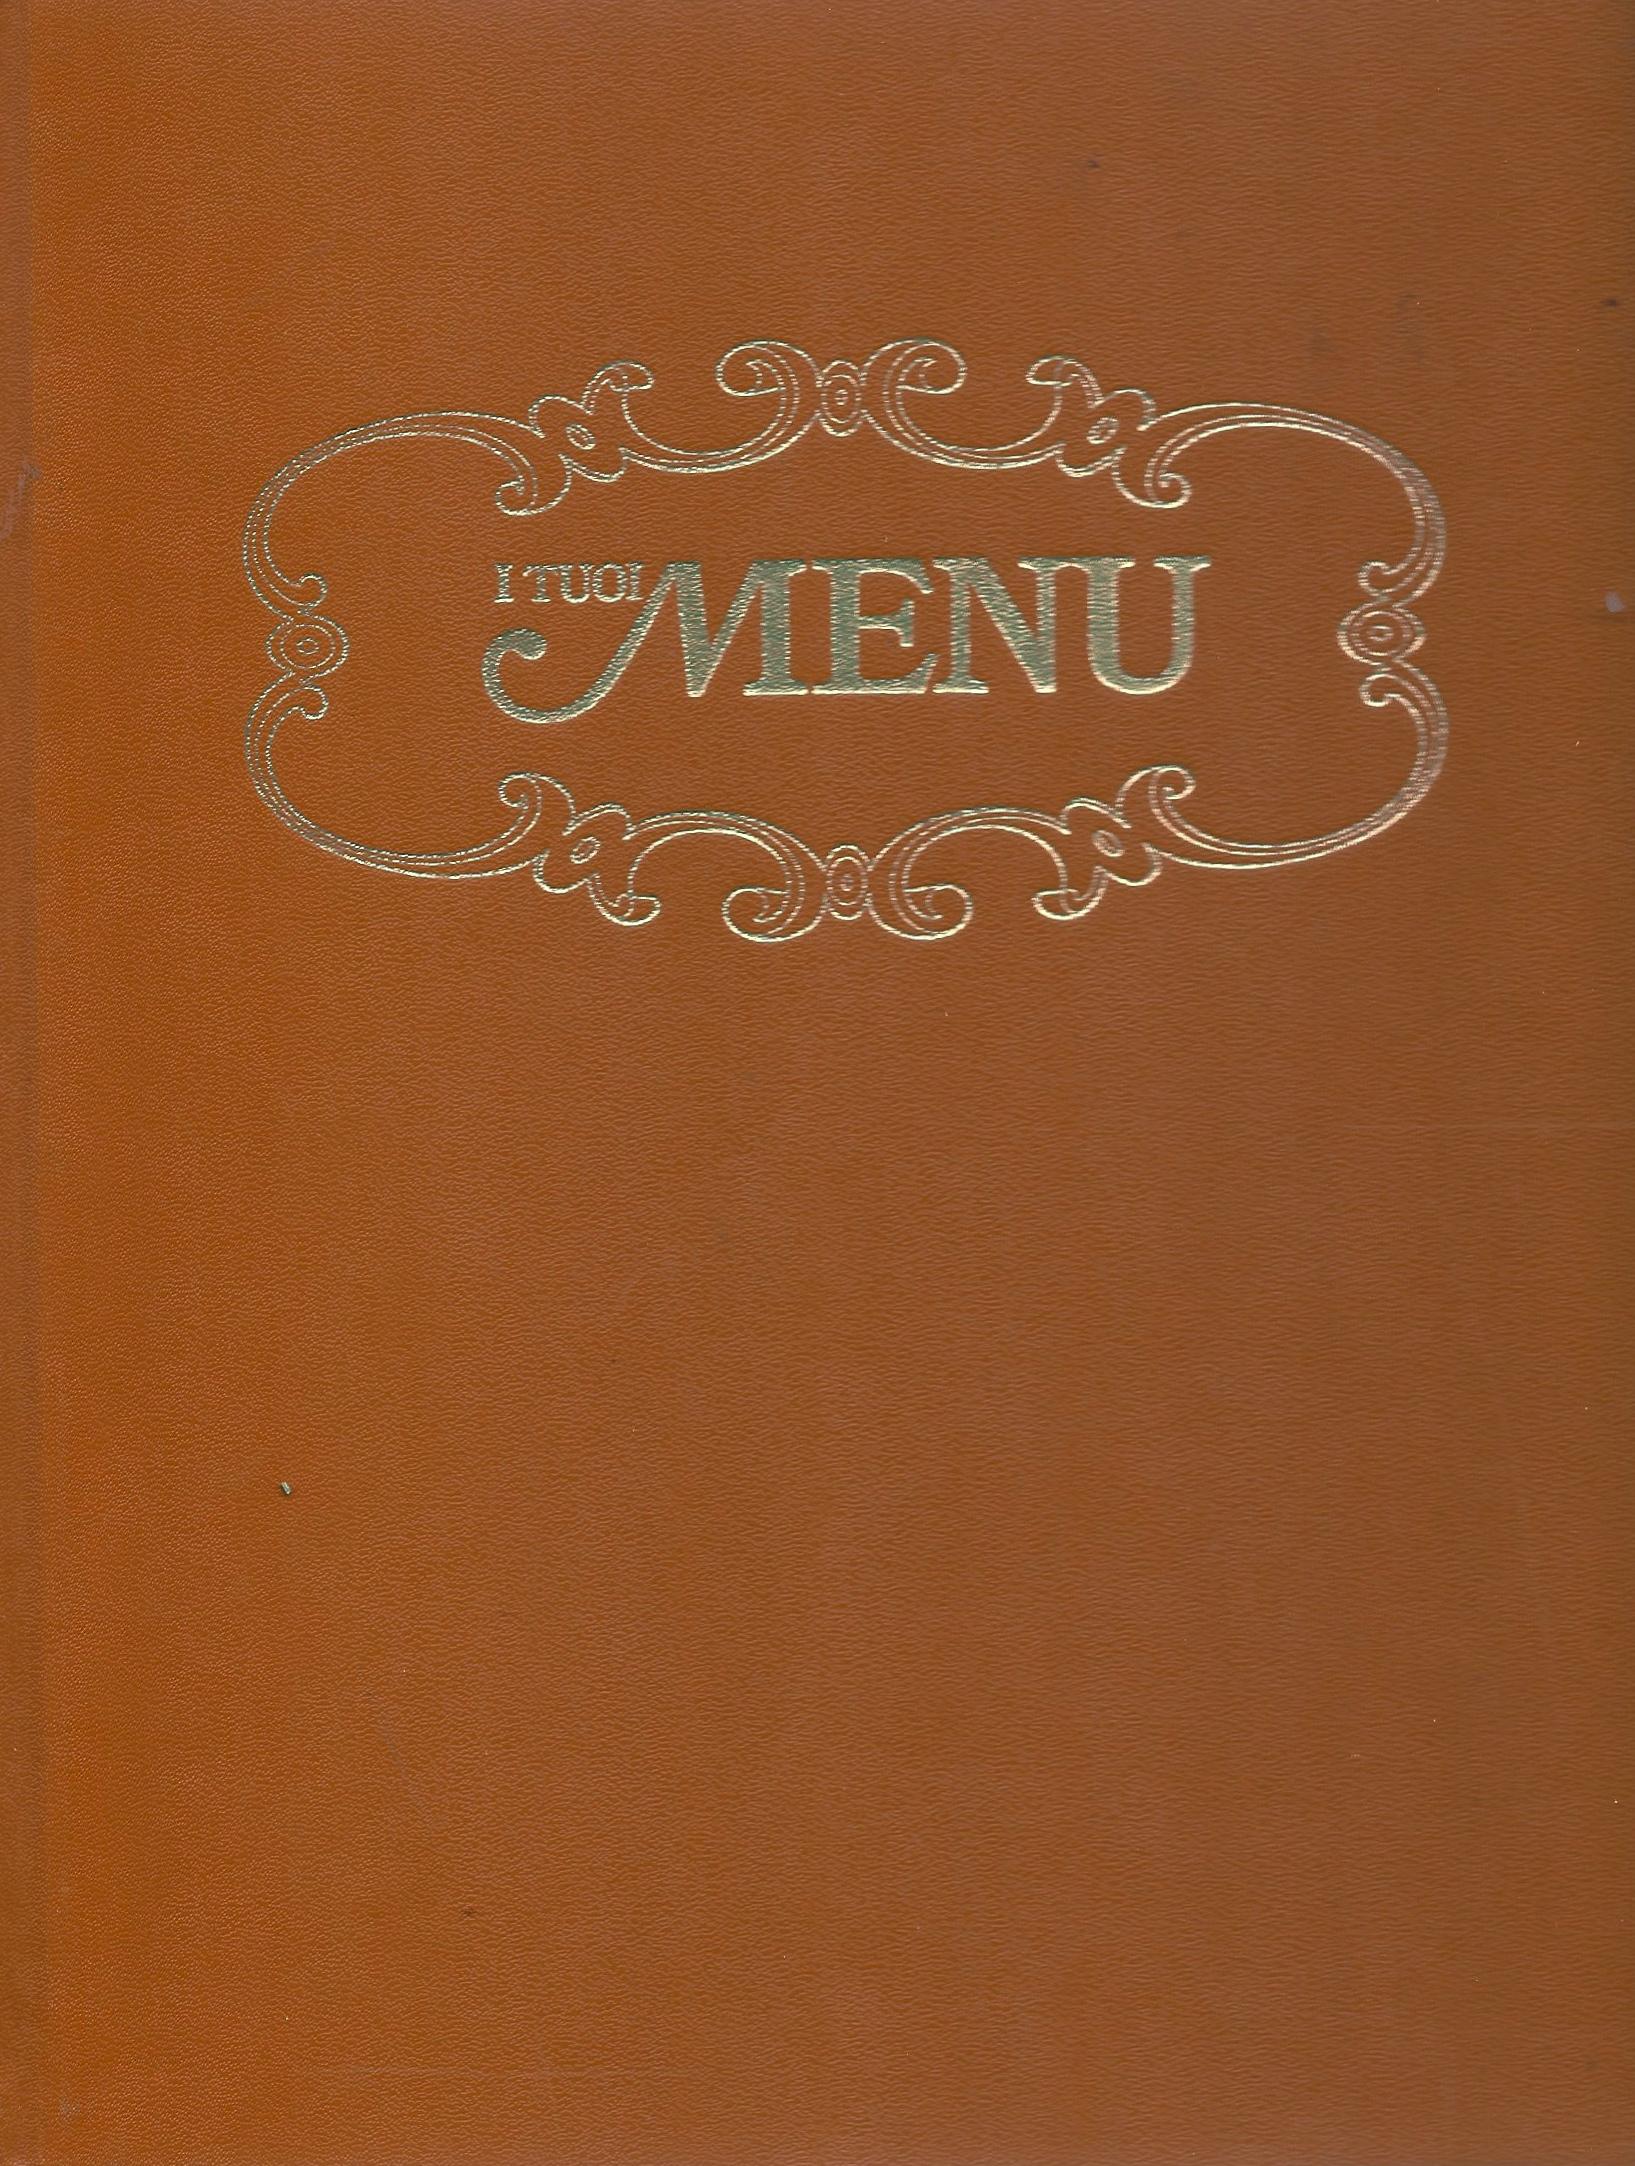 I tuoi menu - vol 9